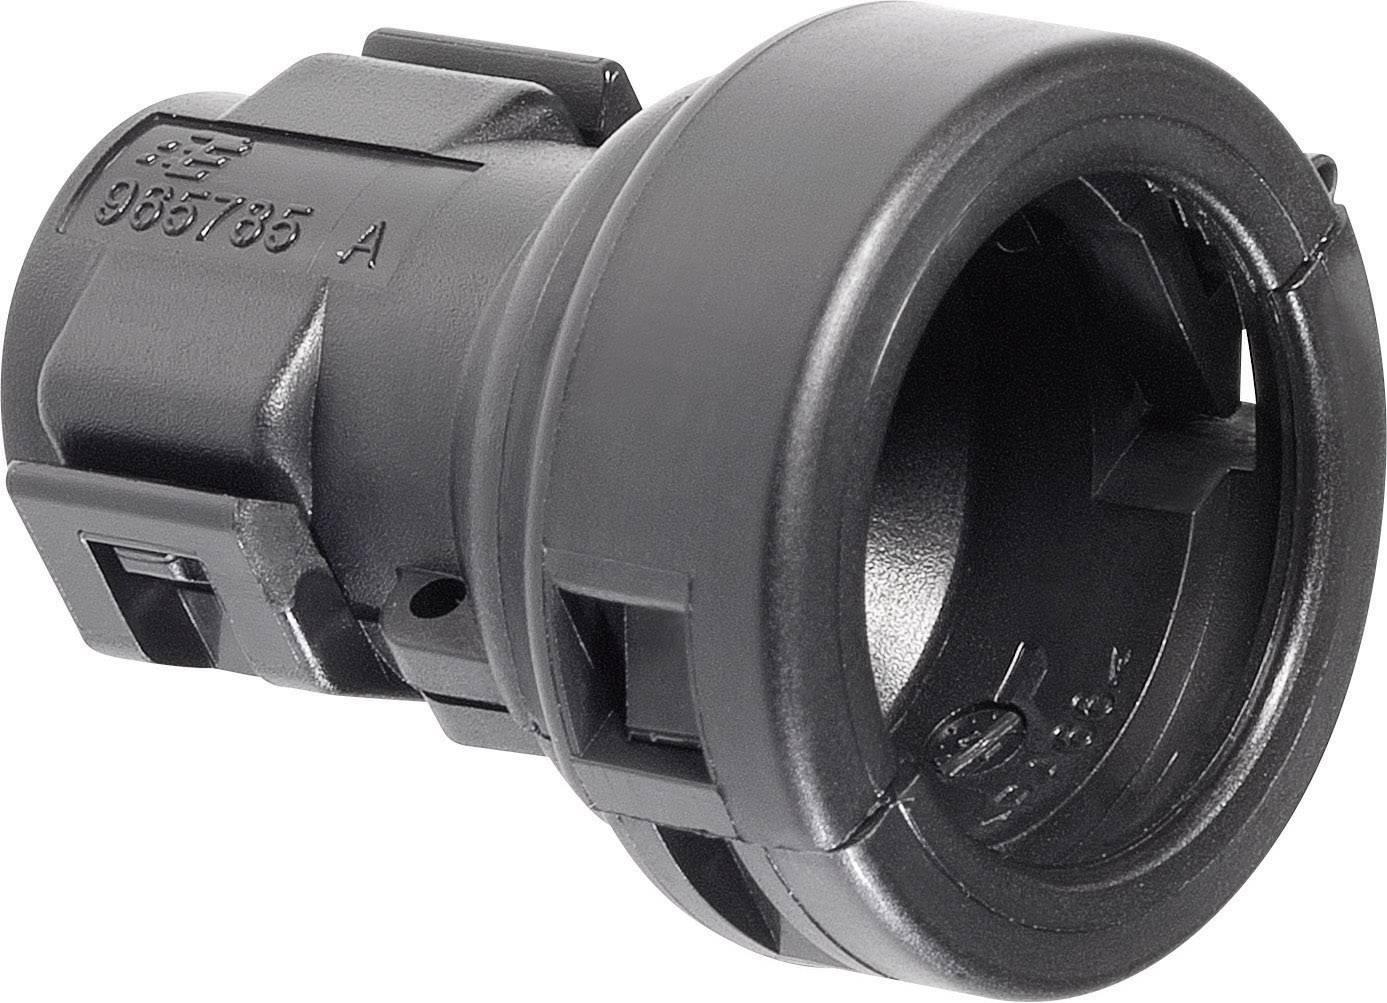 Ochranná čepička pro páčky 10 mm TE Connectivity 965786-1